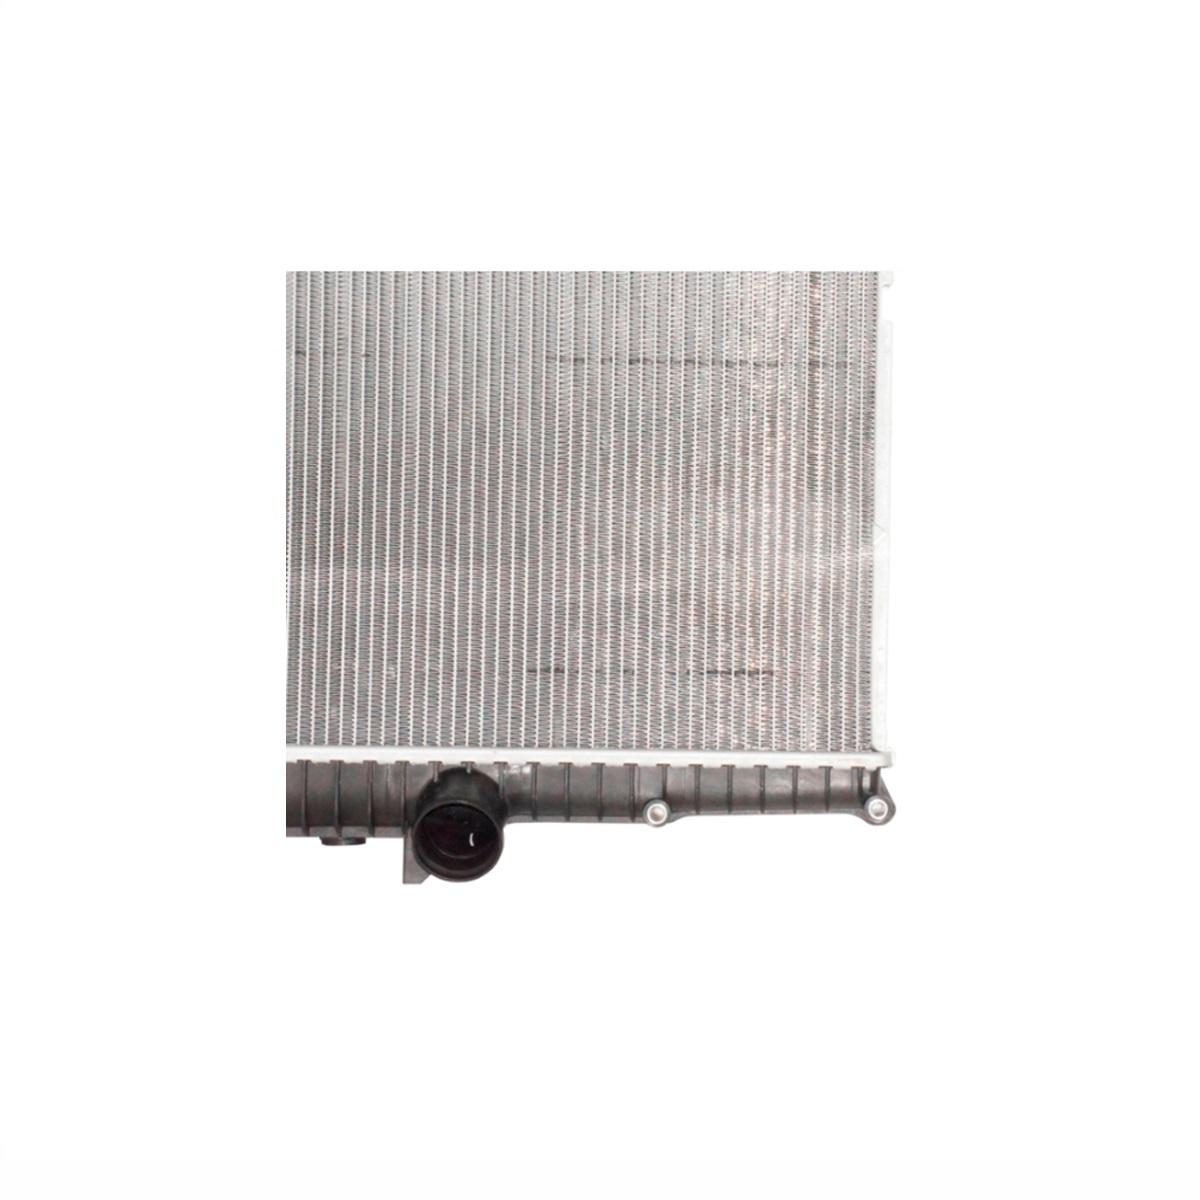 Radiador De Água Volvo FH12, NH12 380/ 420/ 460 CV 2004> Com Ar / Sem Ar / Manual 1993 a 2006